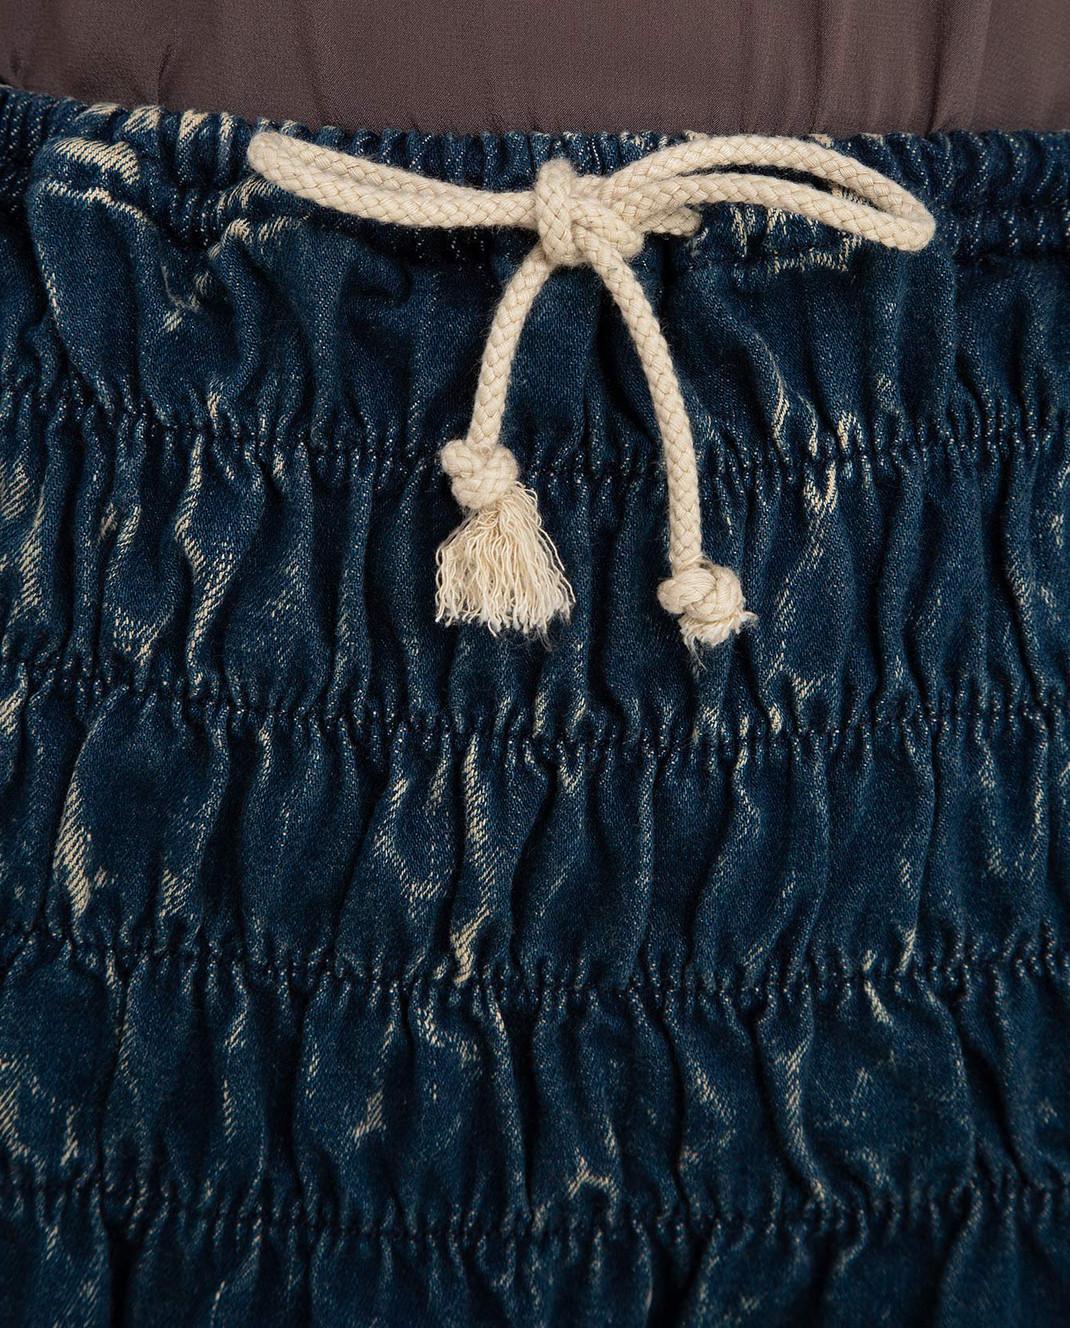 Chloe Темно-синяя джинсовая юбка 16EDJ02 изображение 5